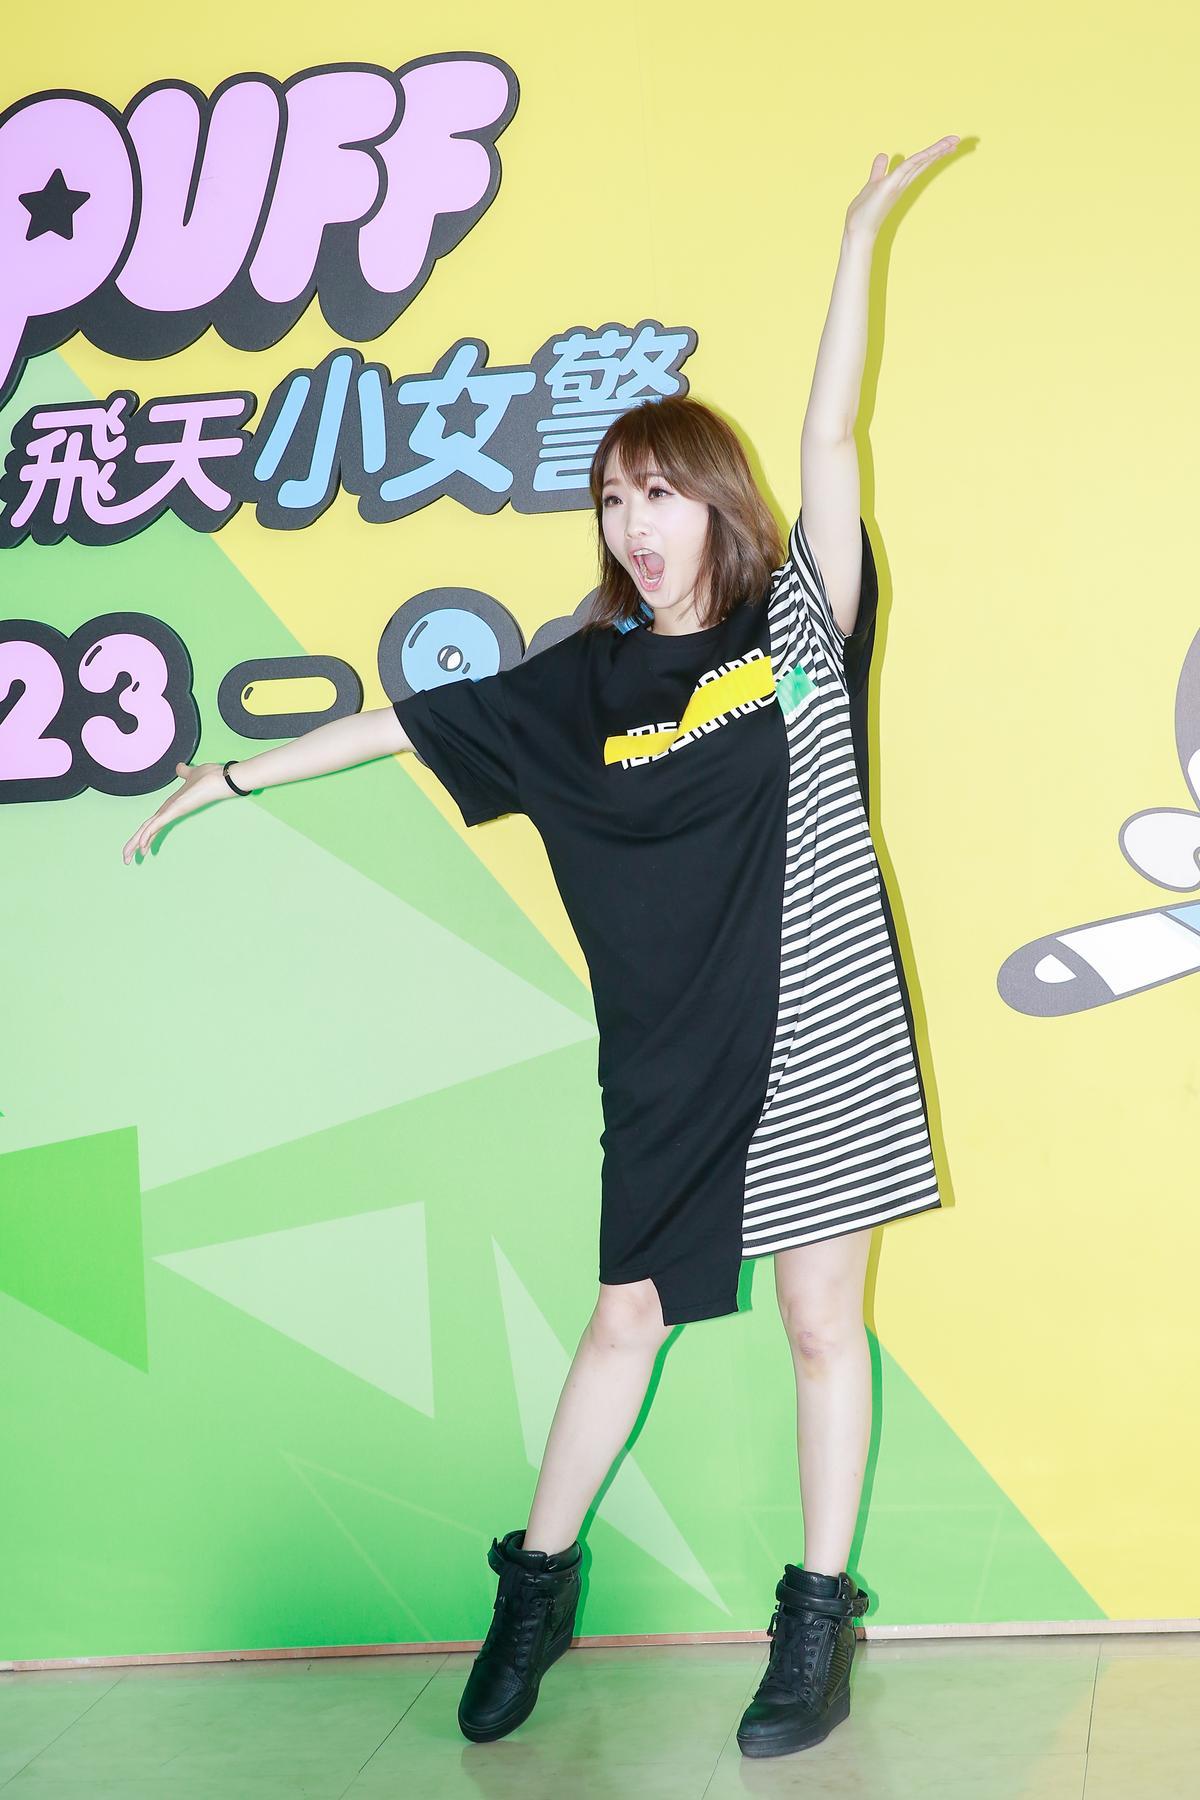 朱俐靜出席活動,透露8月底將舉行演唱會。